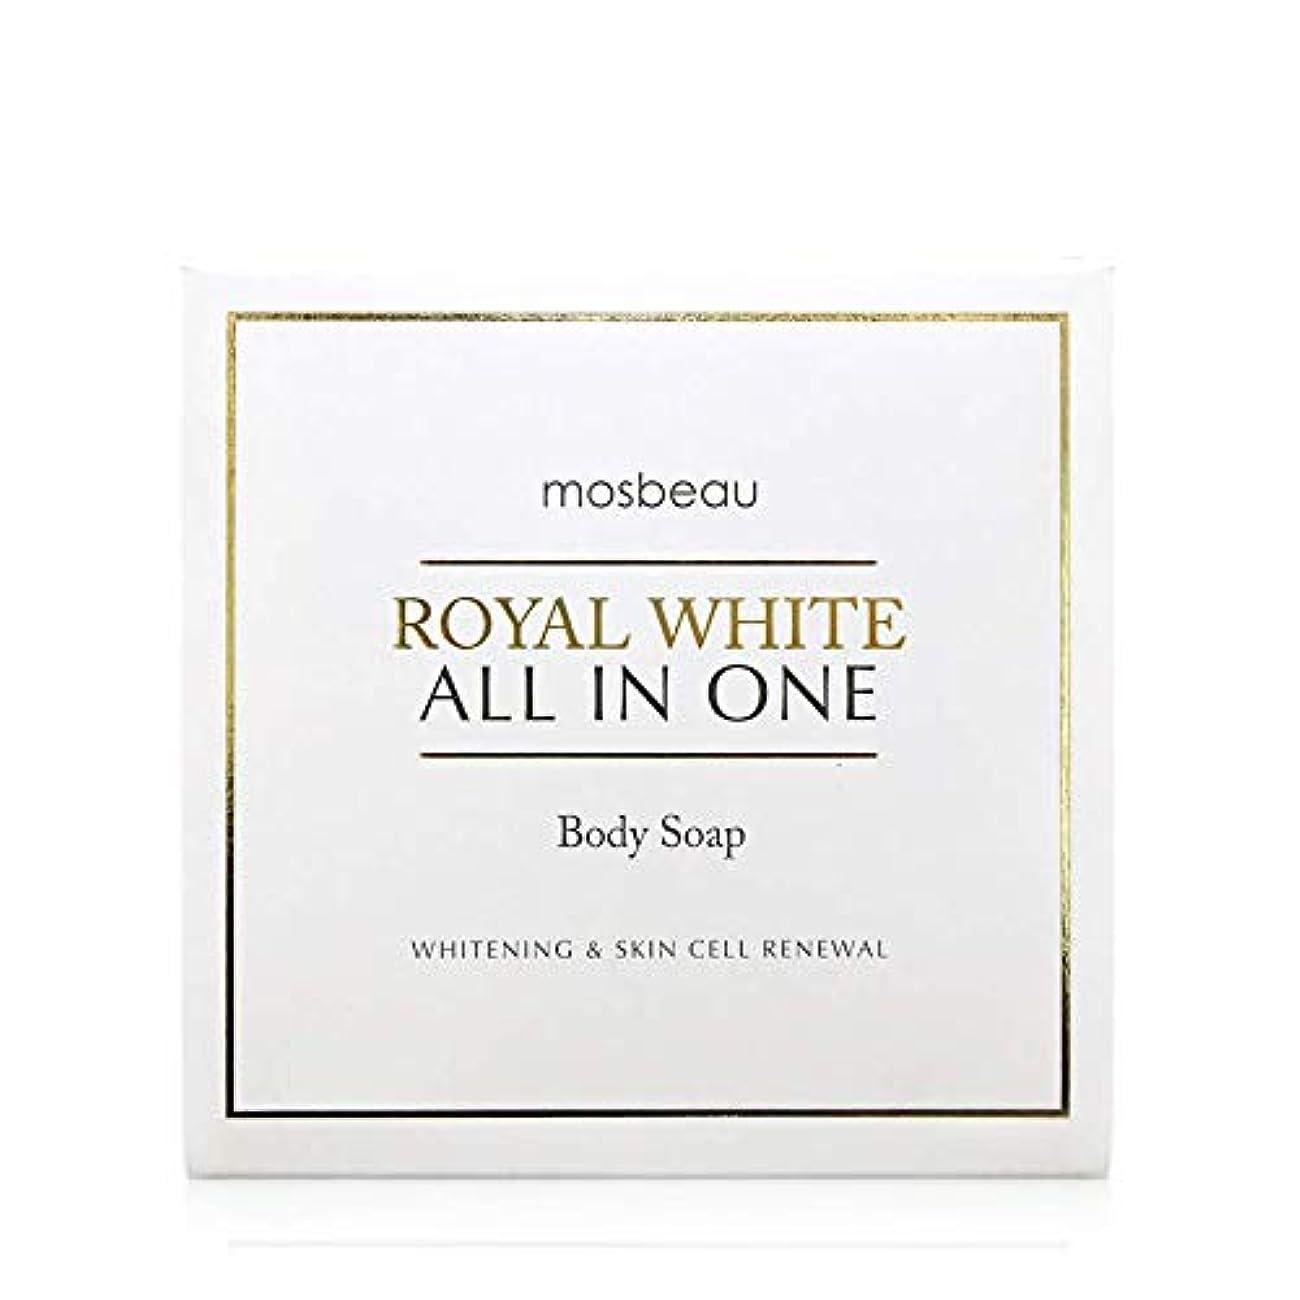 印象派克服する男性mosbeau ROYAL WHITE ALL-IN-ONE BODY SOAP 100g ロィヤルホワイトオールインワンボディーソープ